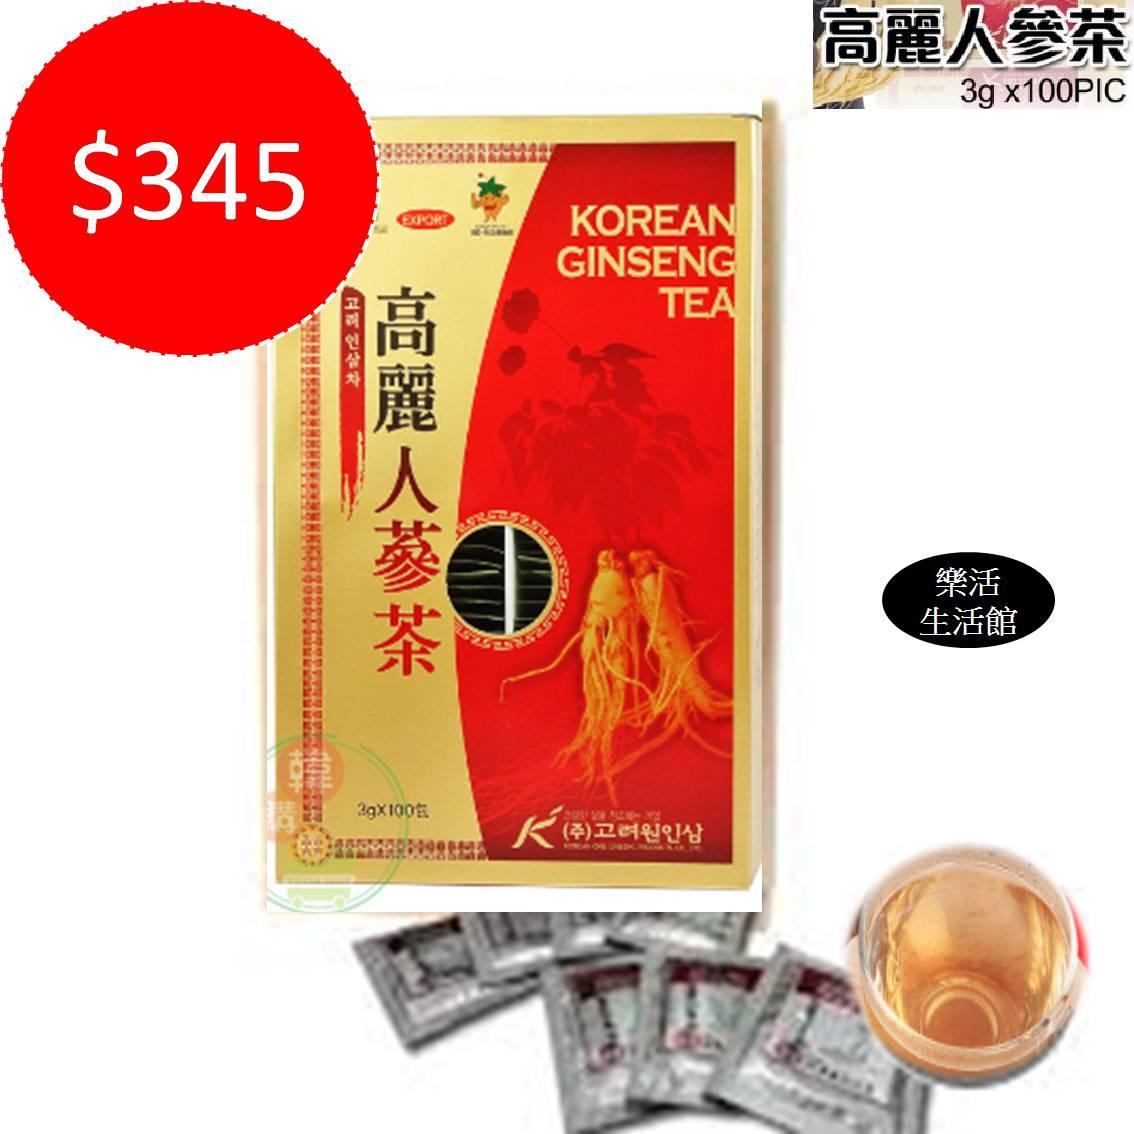 高麗人蔘茶 隨身茶包100入  【樂活生活館】